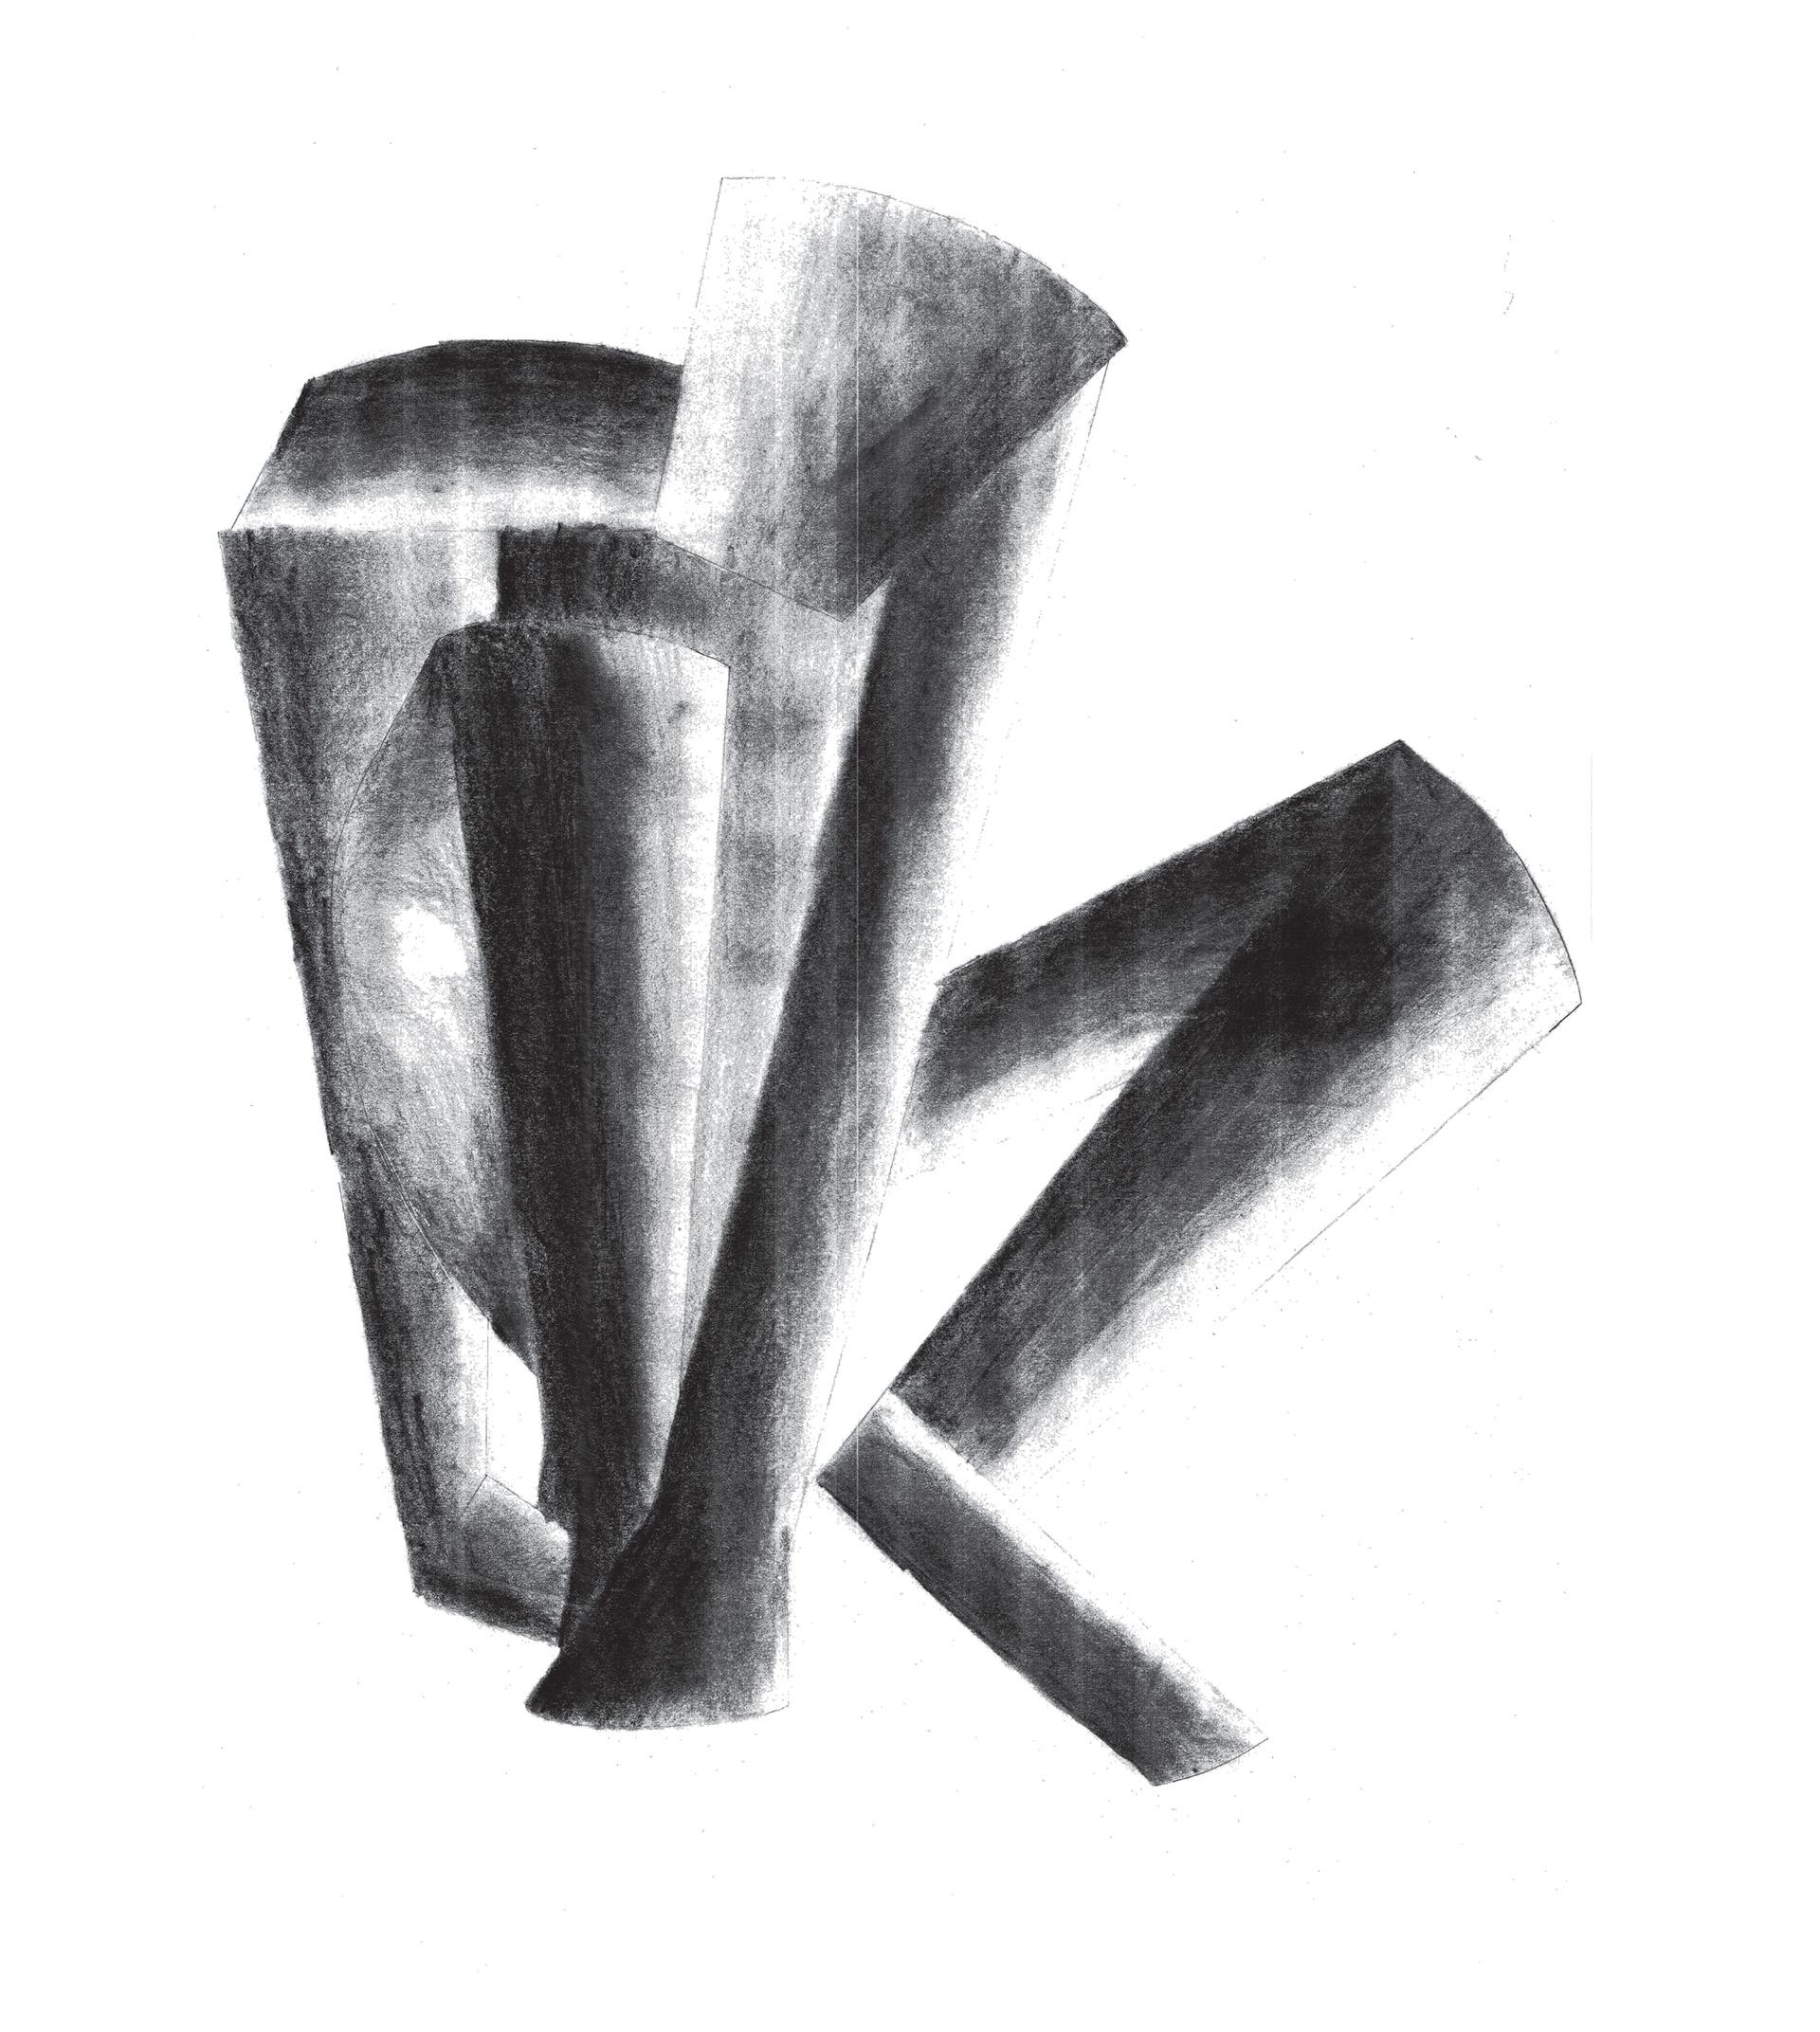 Enlarge Photo: Analytical drawing of crouching boy. By CHOW Chiu Yin.